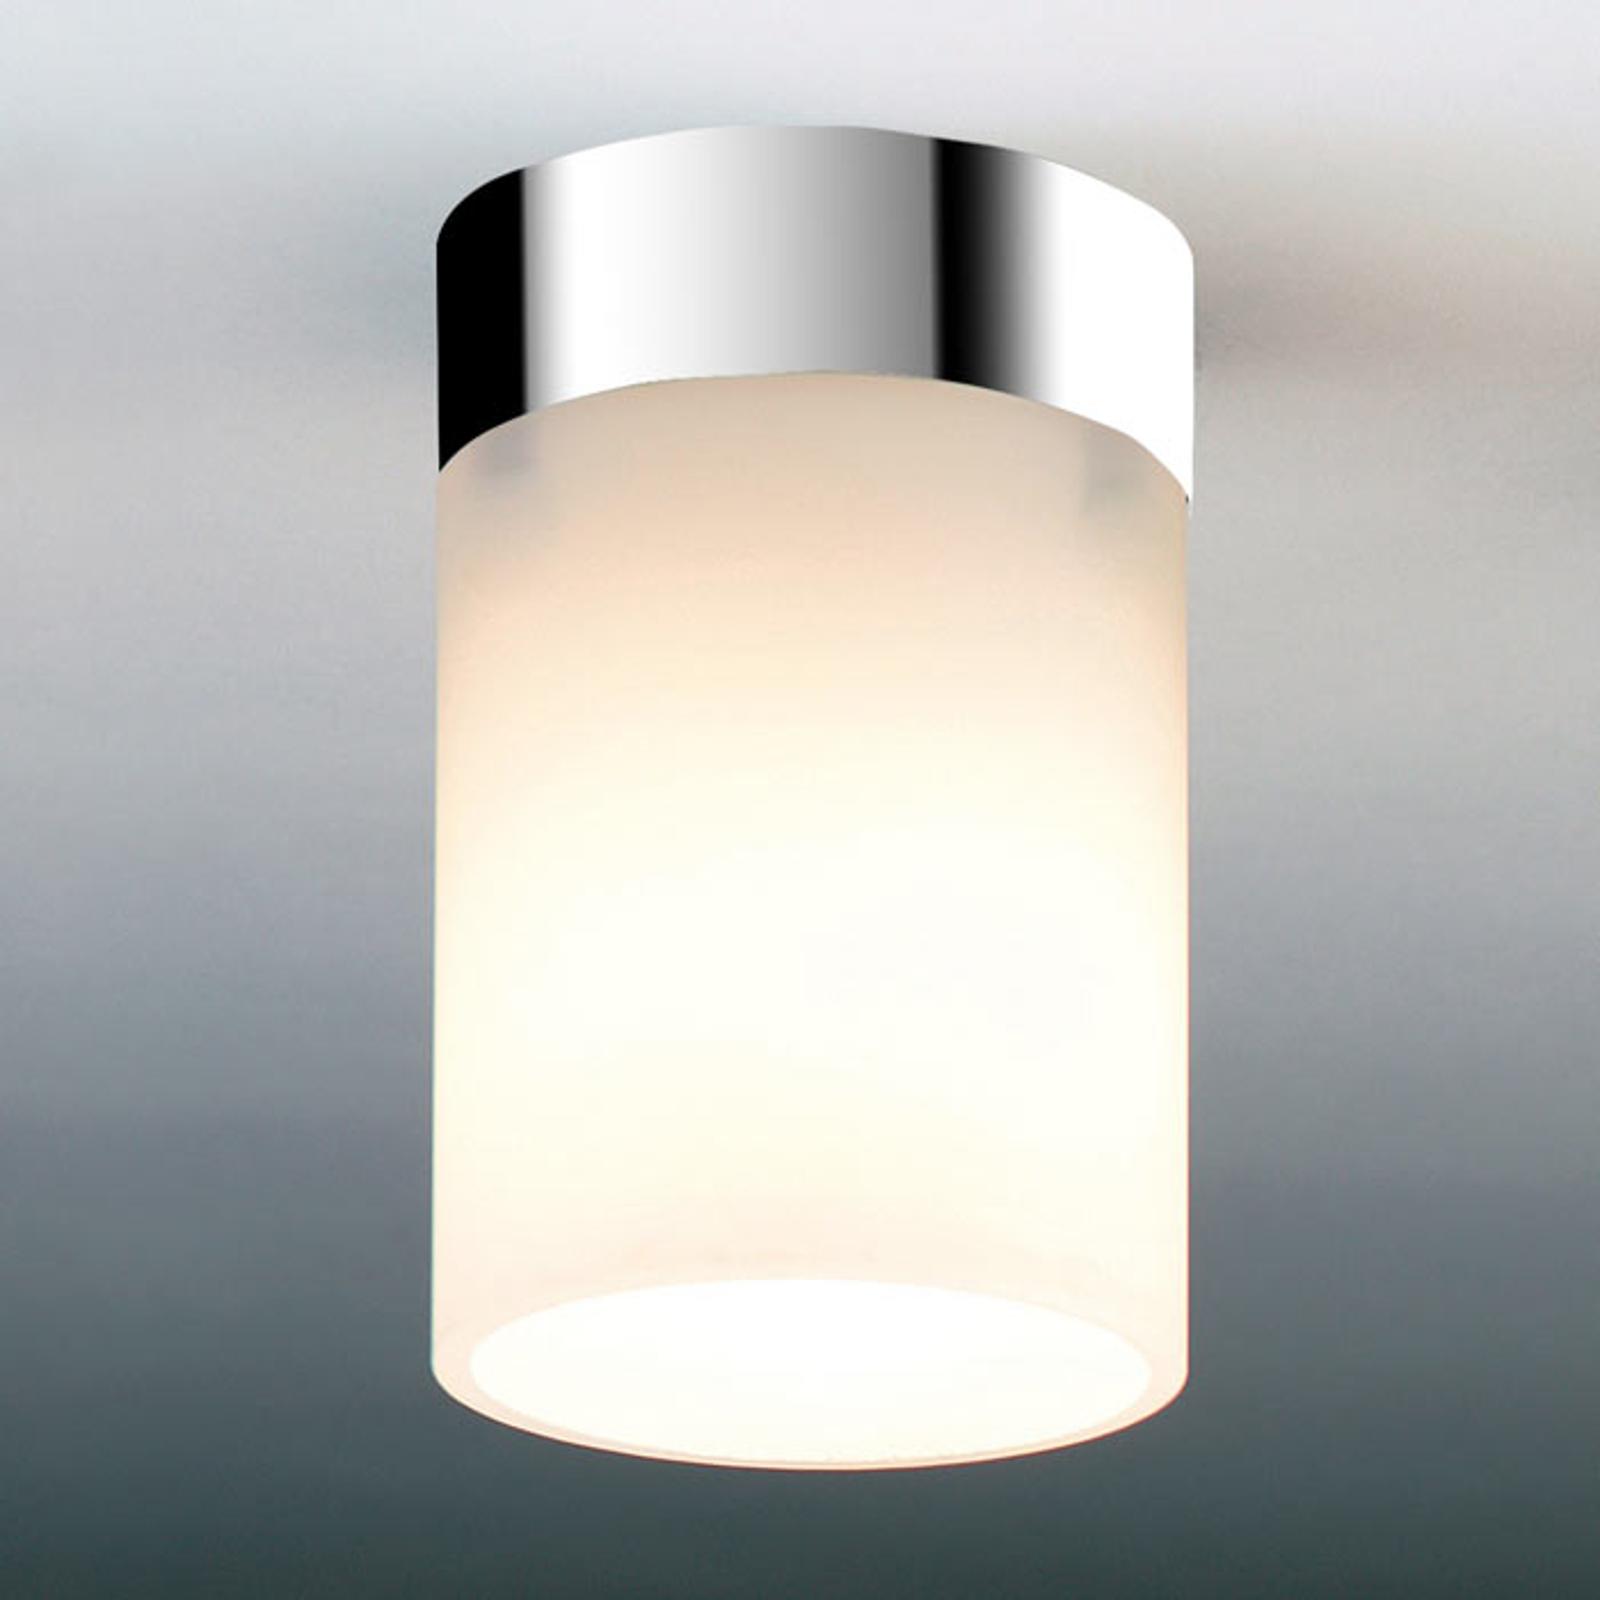 Bescheiden plafondlamp DELA BOX SHORT, chroom